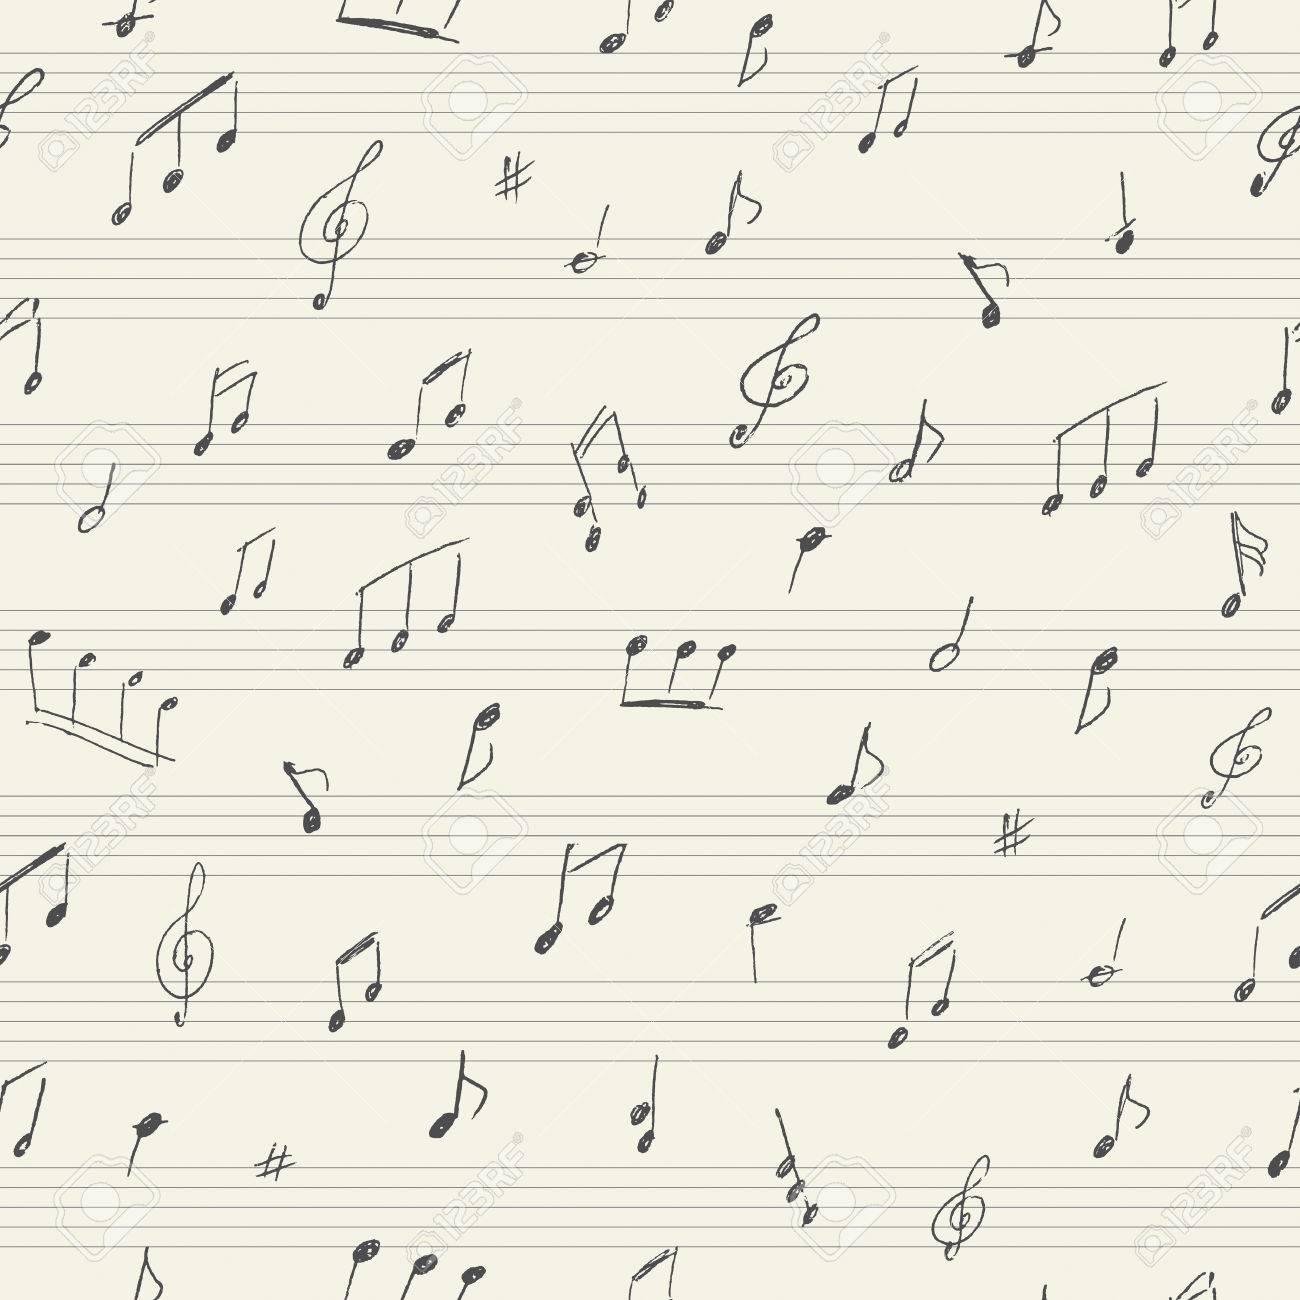 手書きの音符と音楽シームレス パターンのイラスト素材ベクタ Image